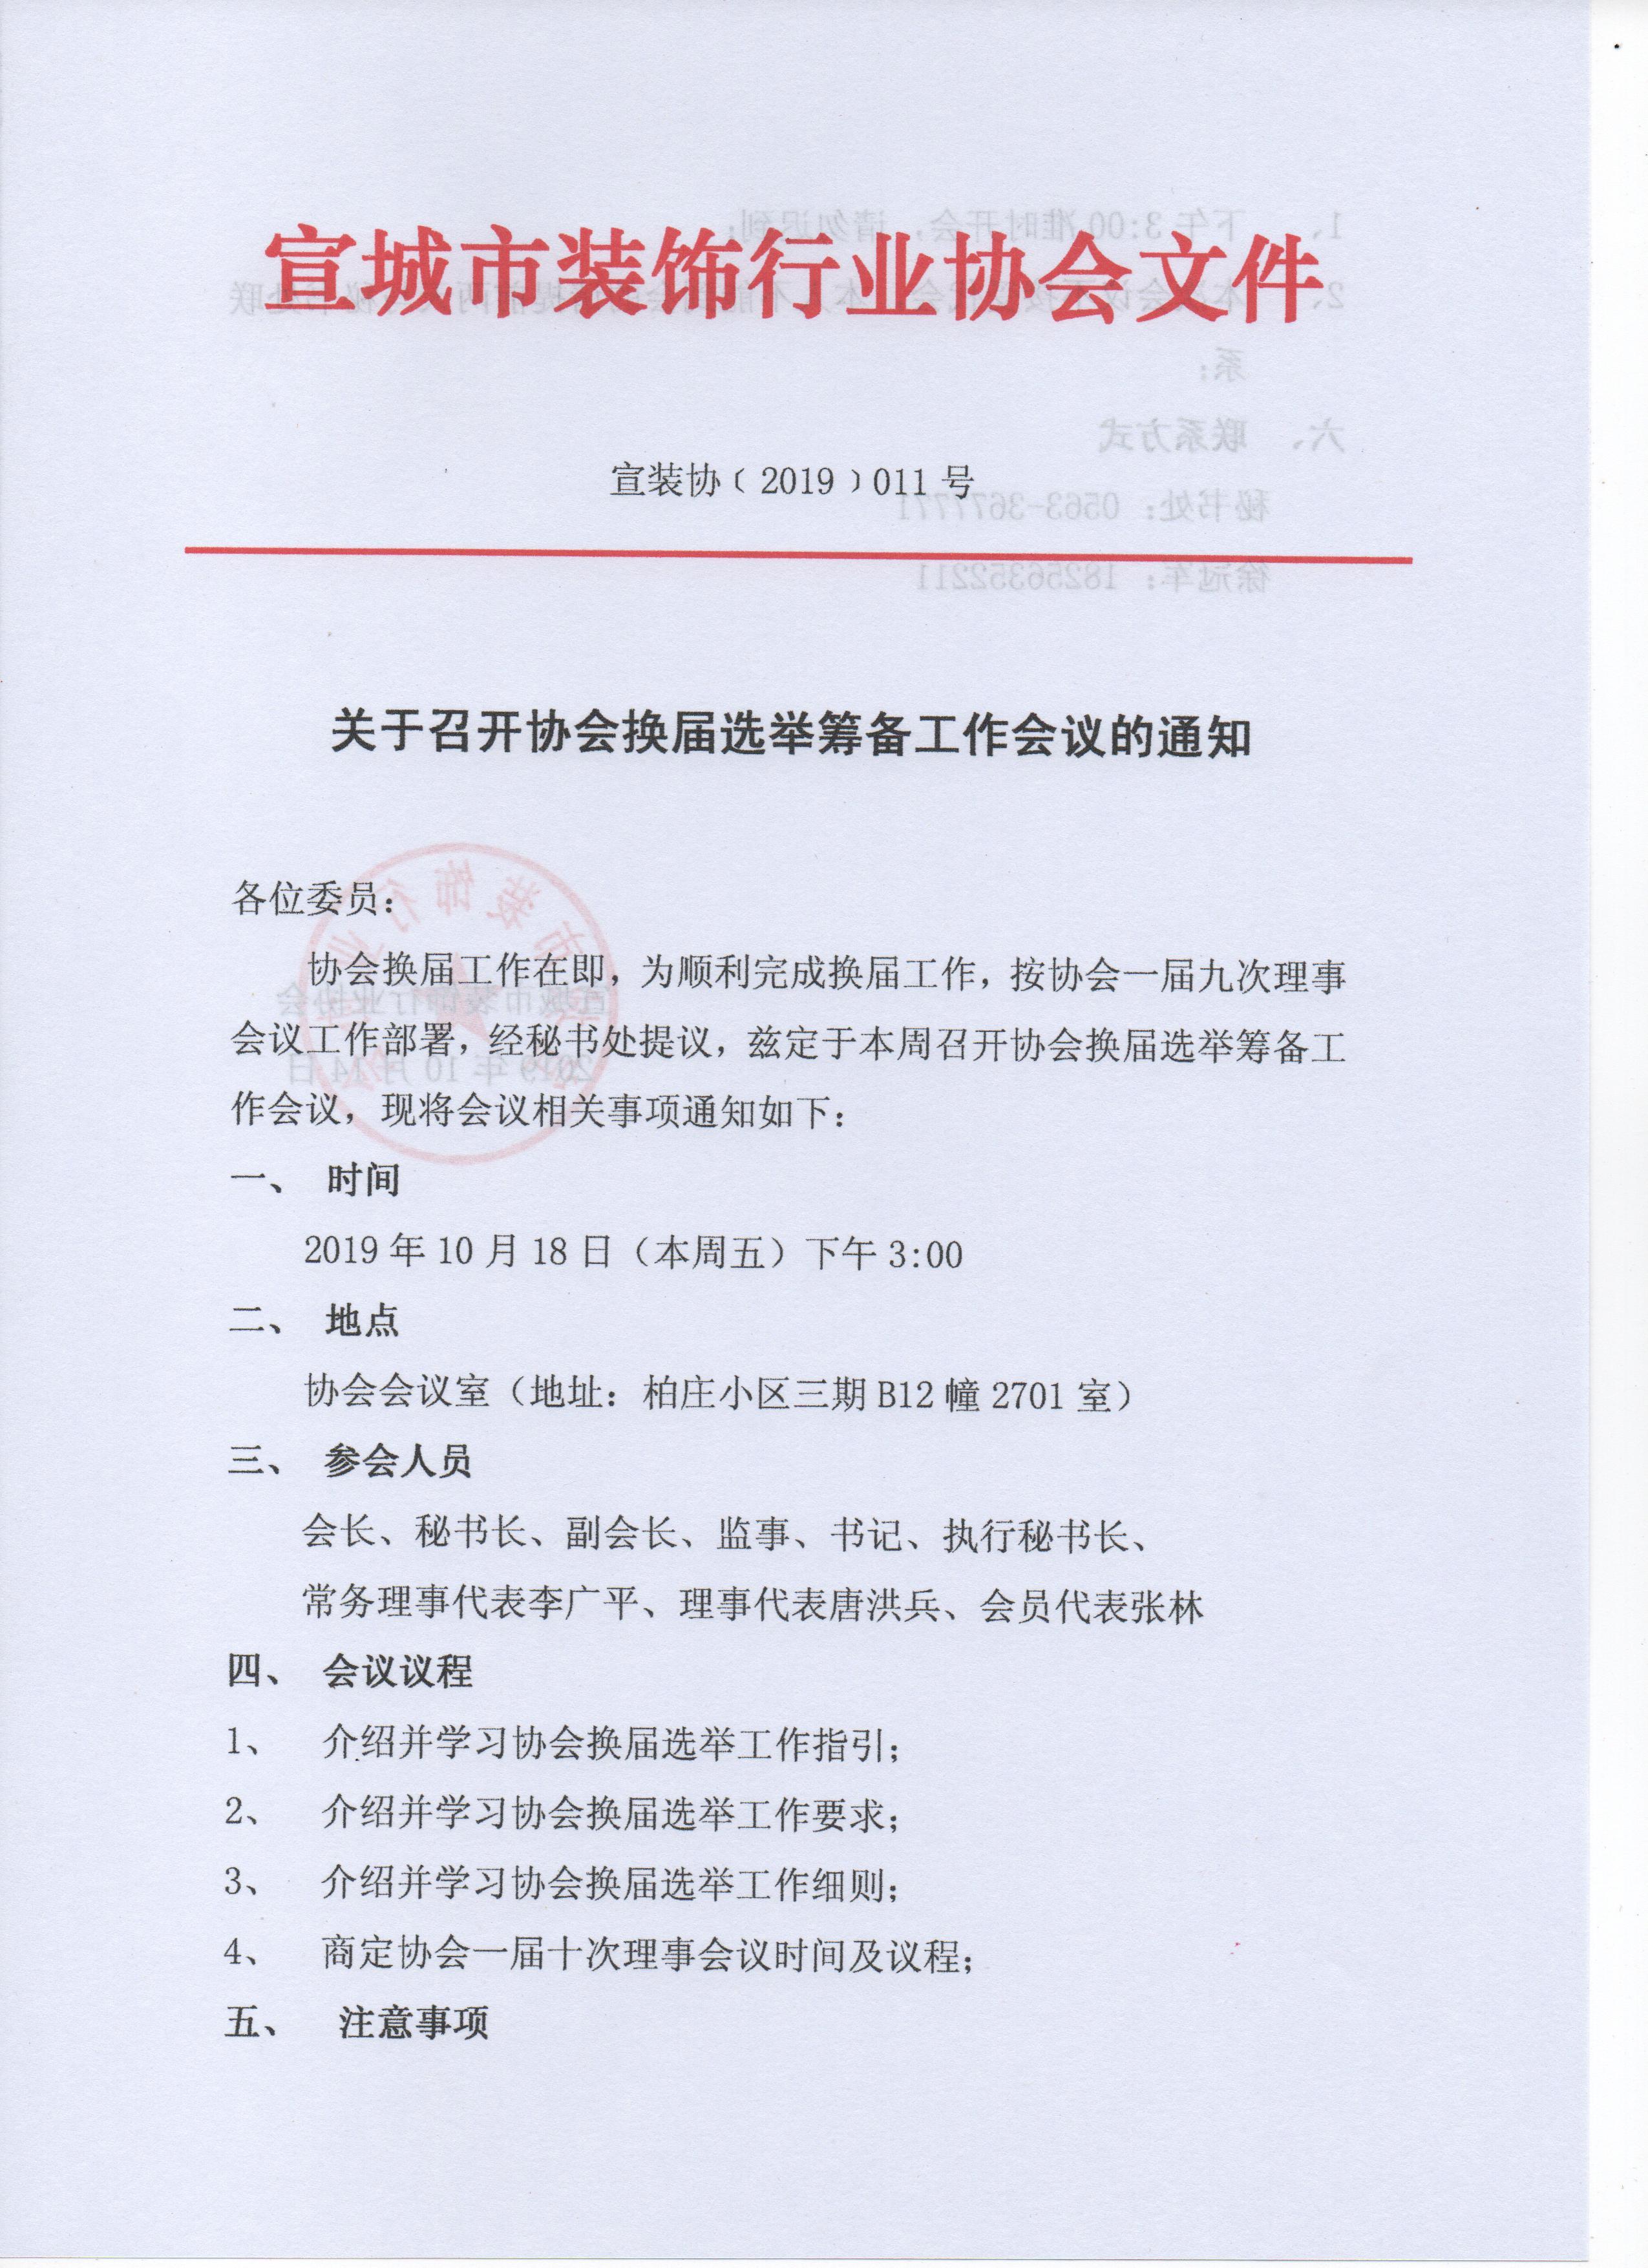 关于召开协会换届选举筹备工作会议的通知1